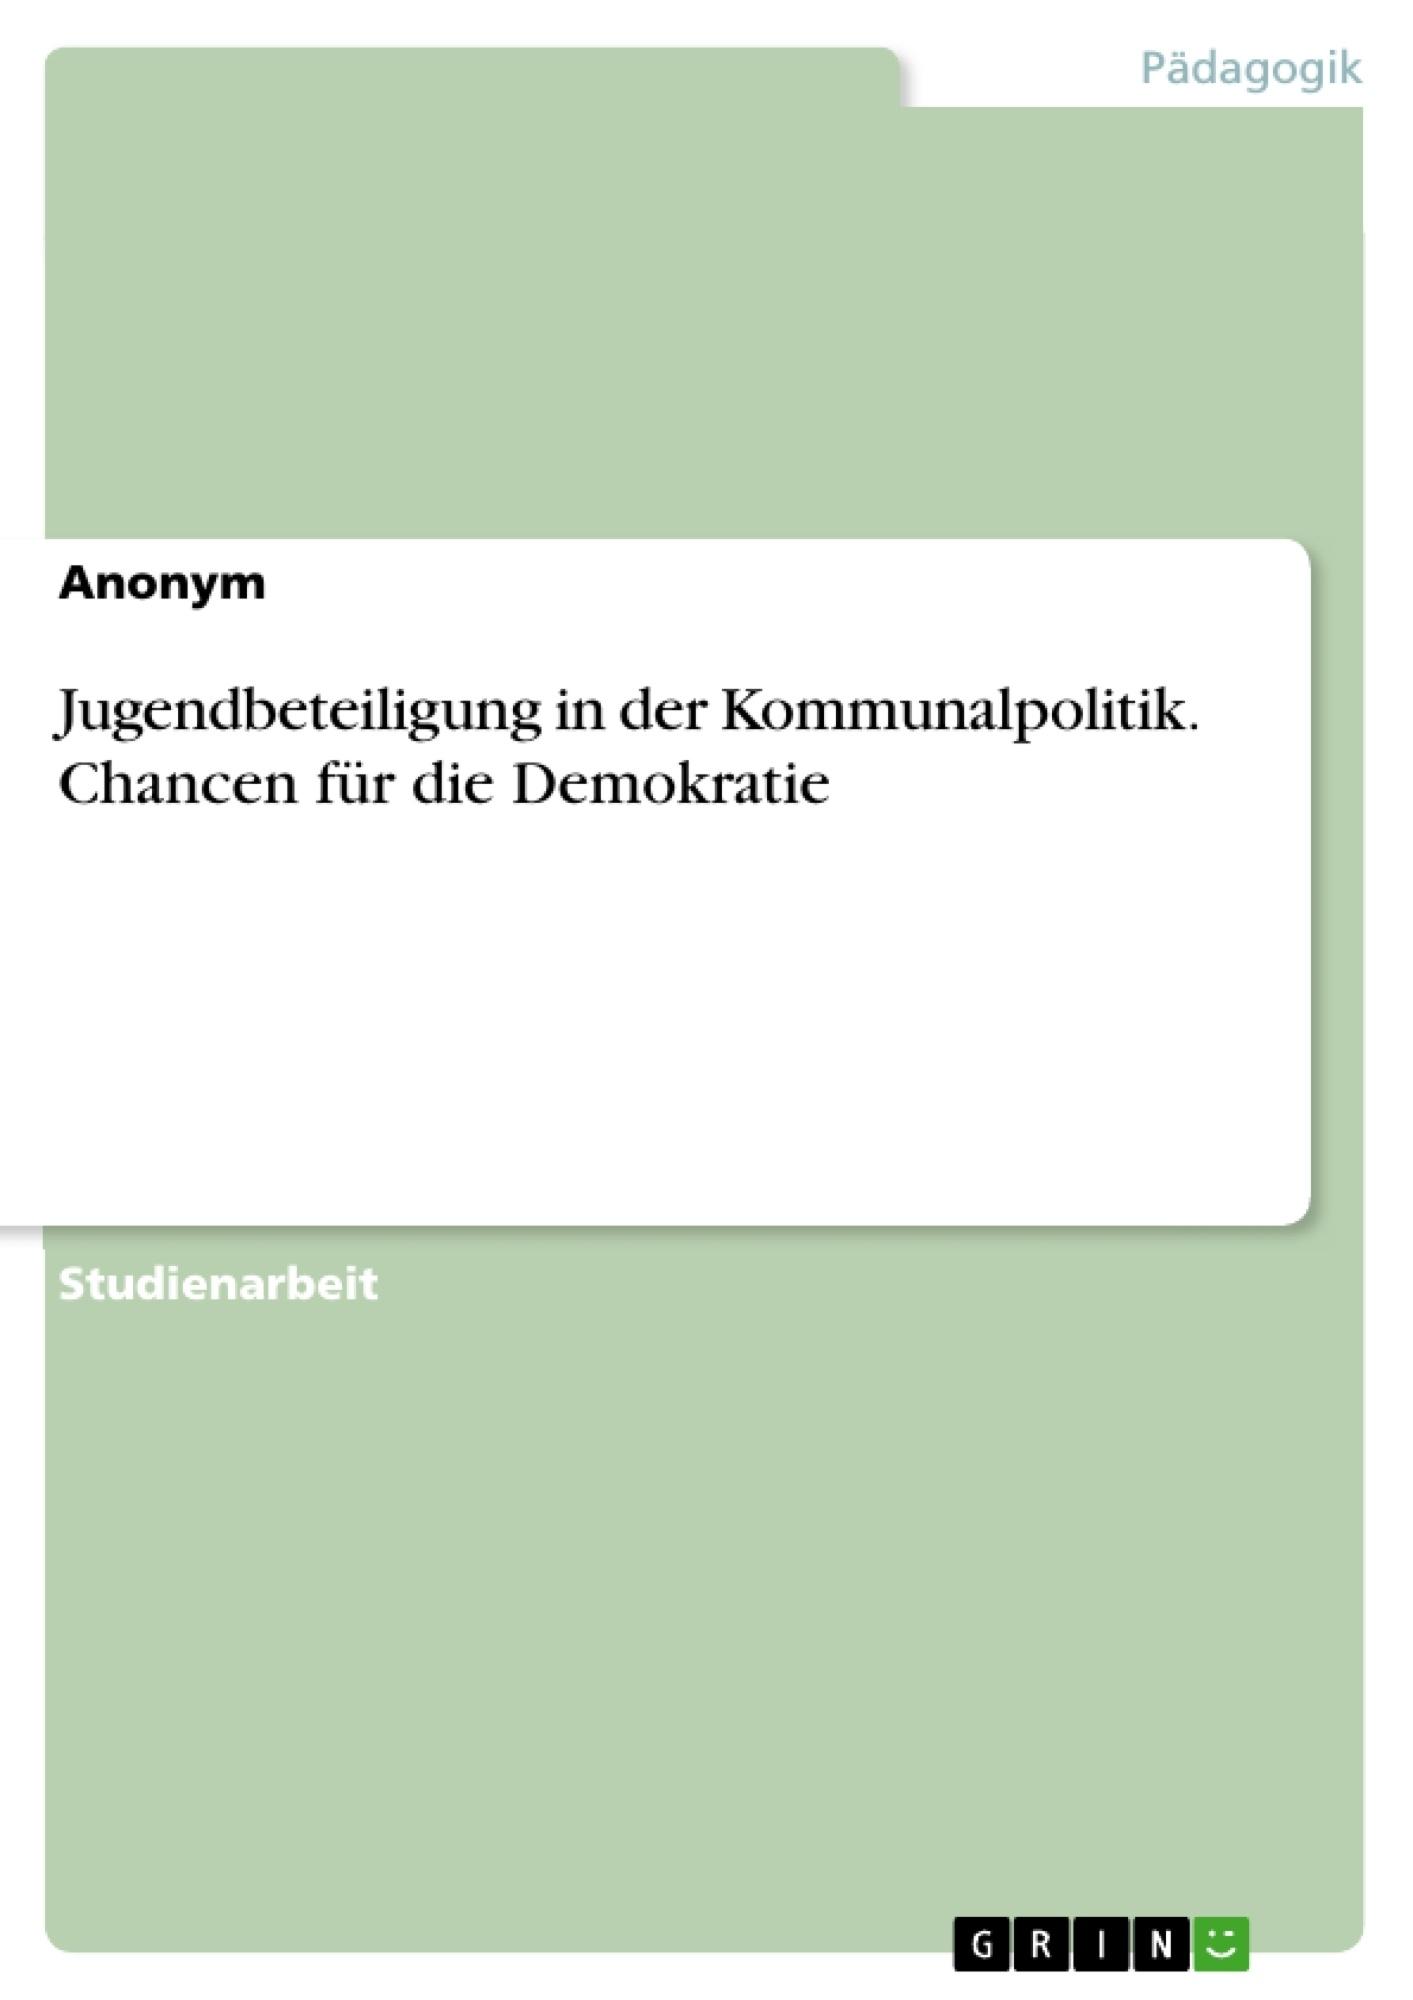 Titel: Jugendbeteiligung in der Kommunalpolitik. Chancen für die Demokratie